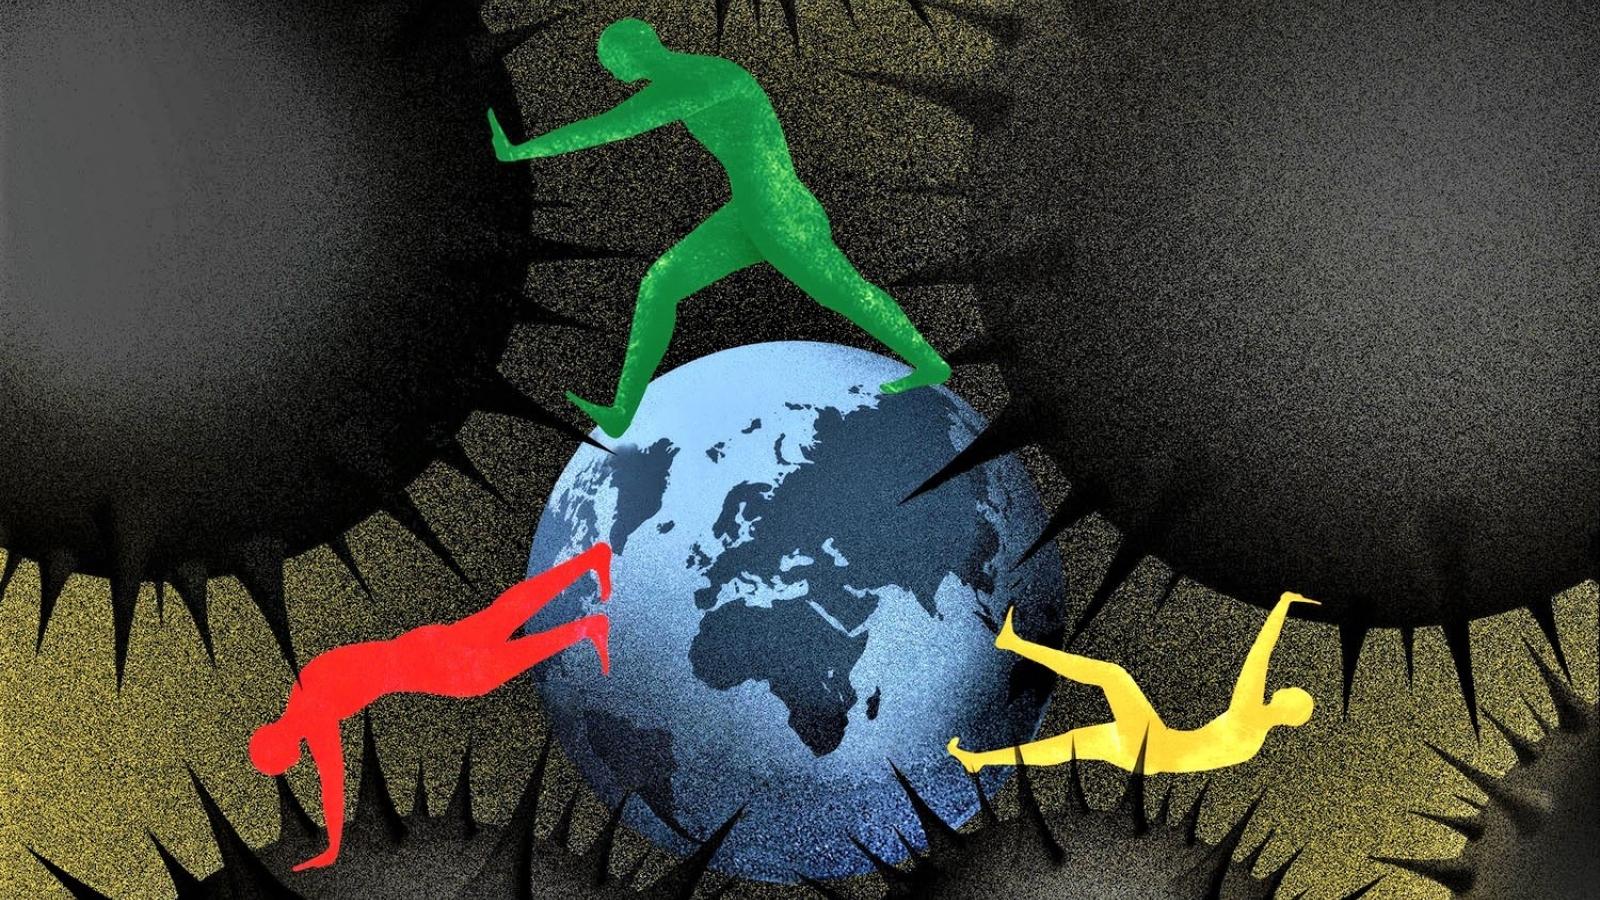 Covid-19 - một tác nhân thay đổi trật tự thế giới